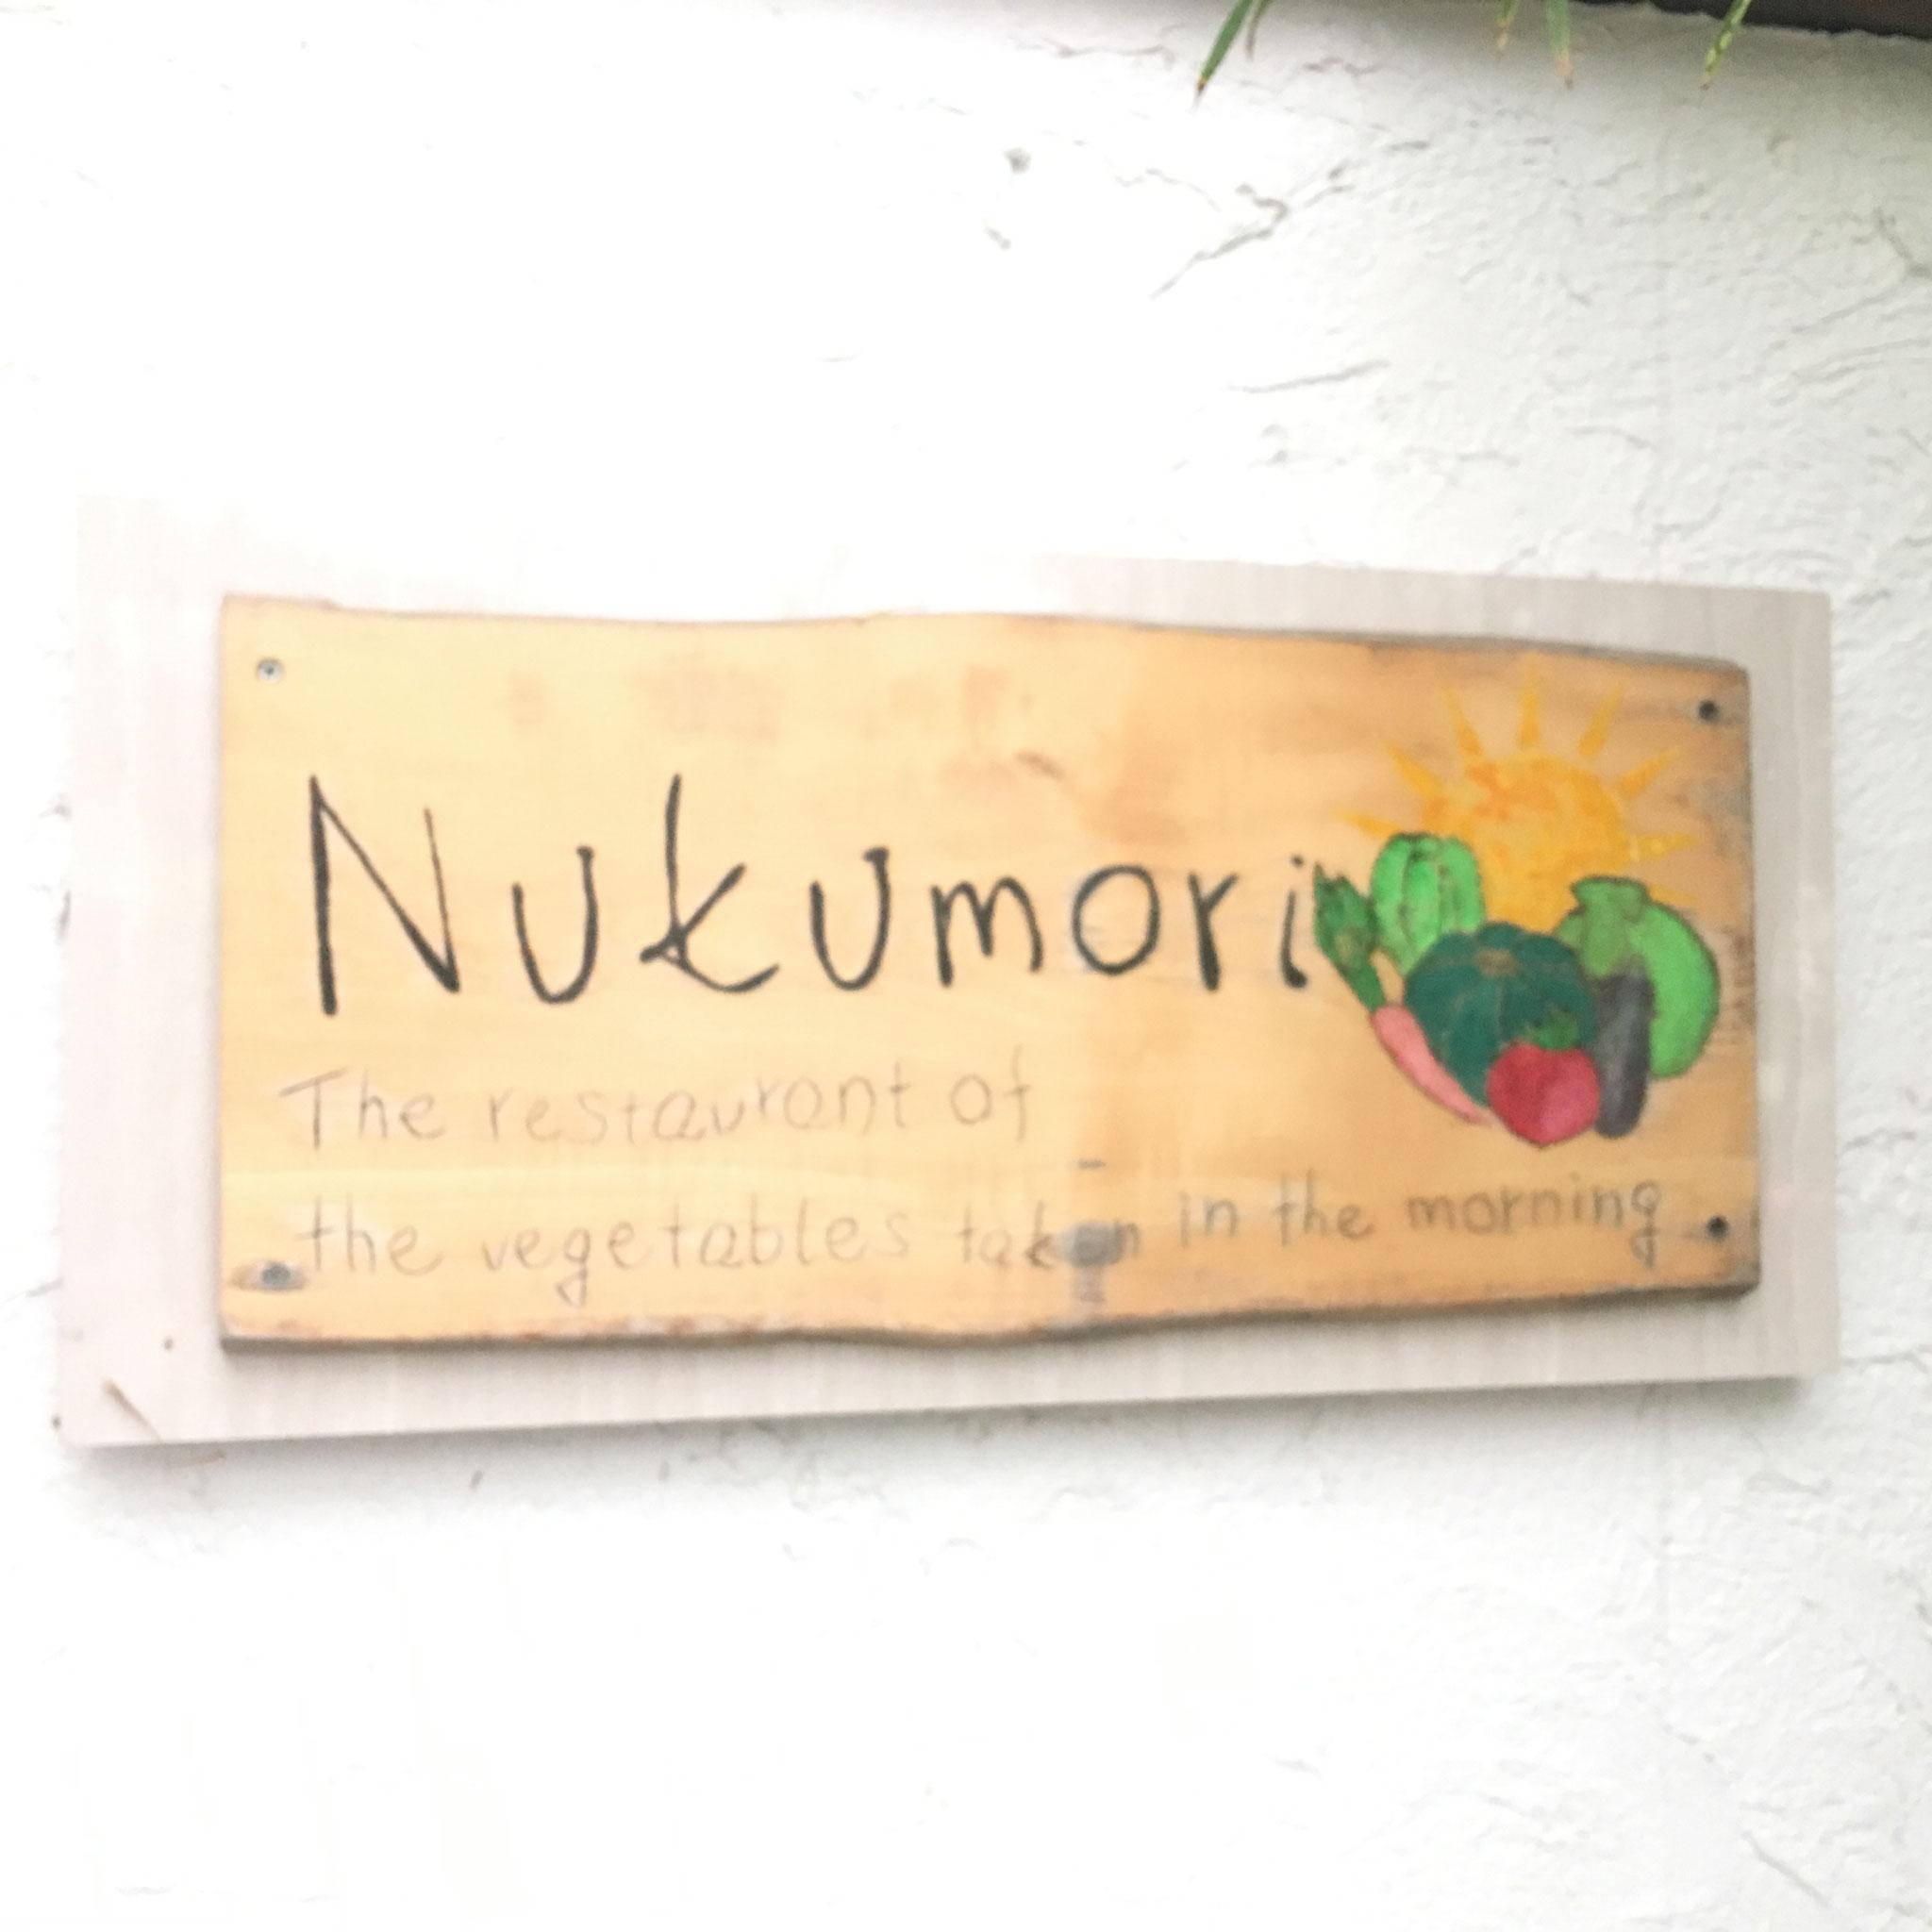 朝採り野菜レストラン『Nukumori』